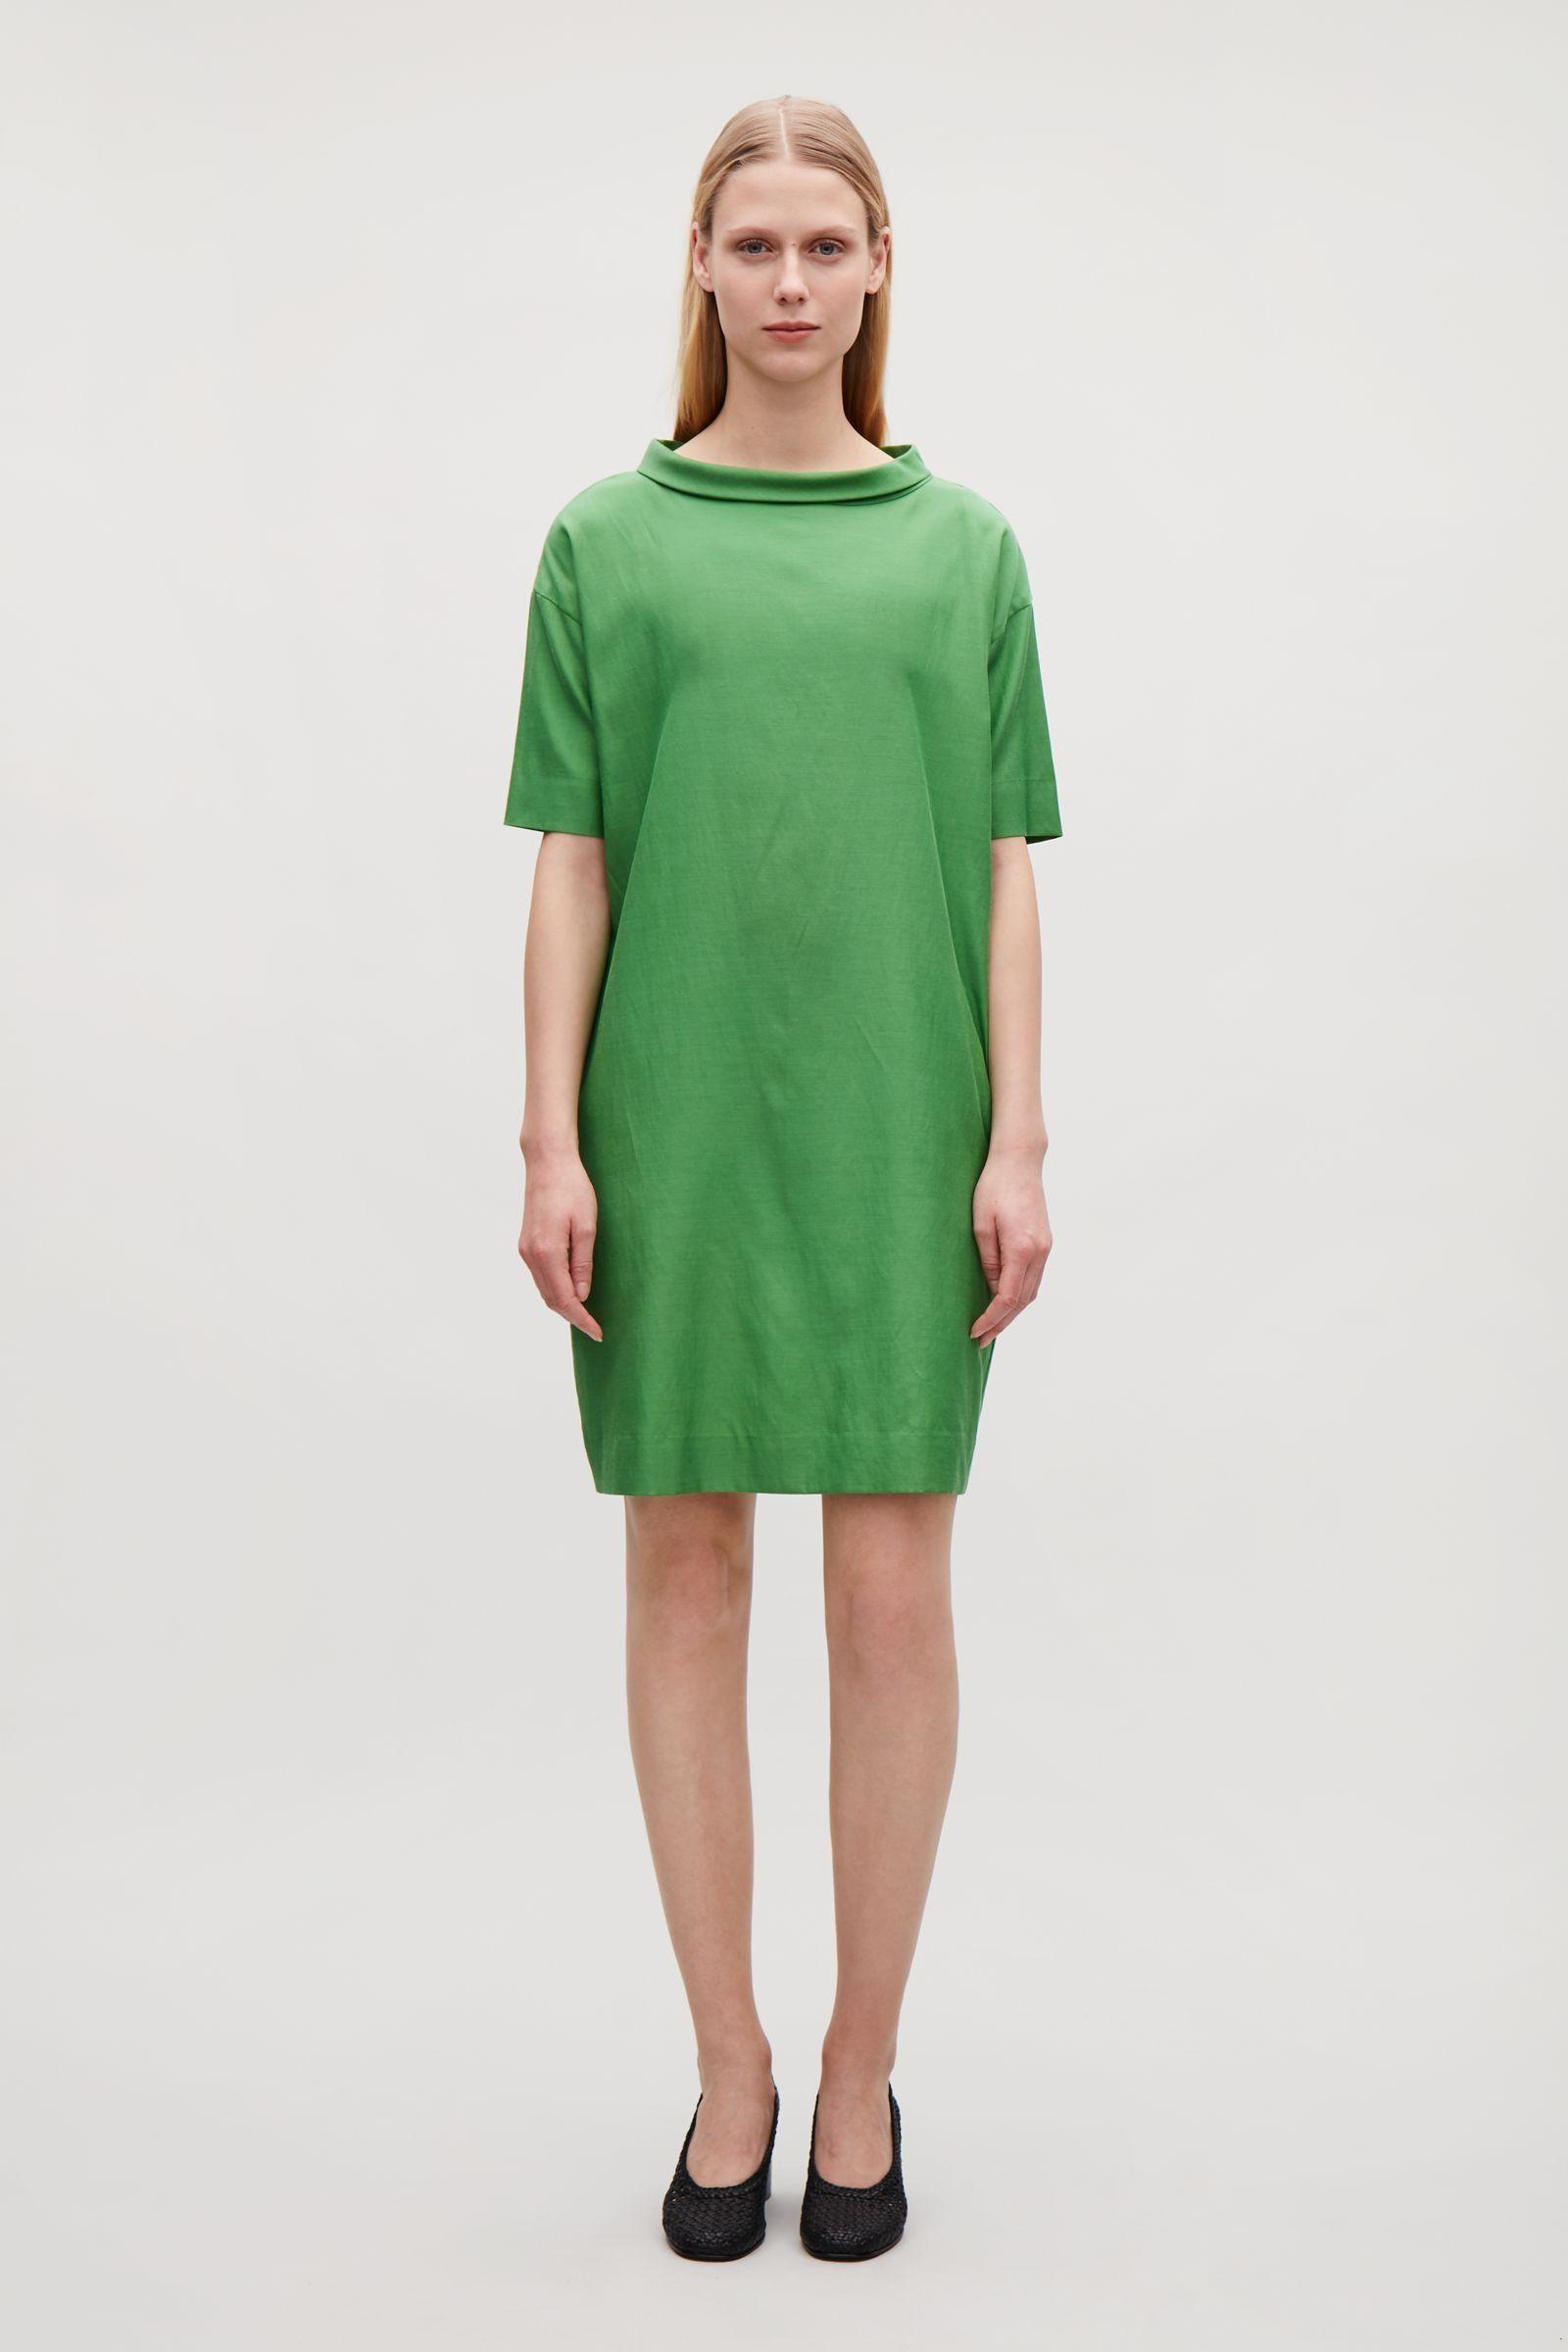 17 Schön Cos Abendkleid VertriebDesigner Kreativ Cos Abendkleid Design